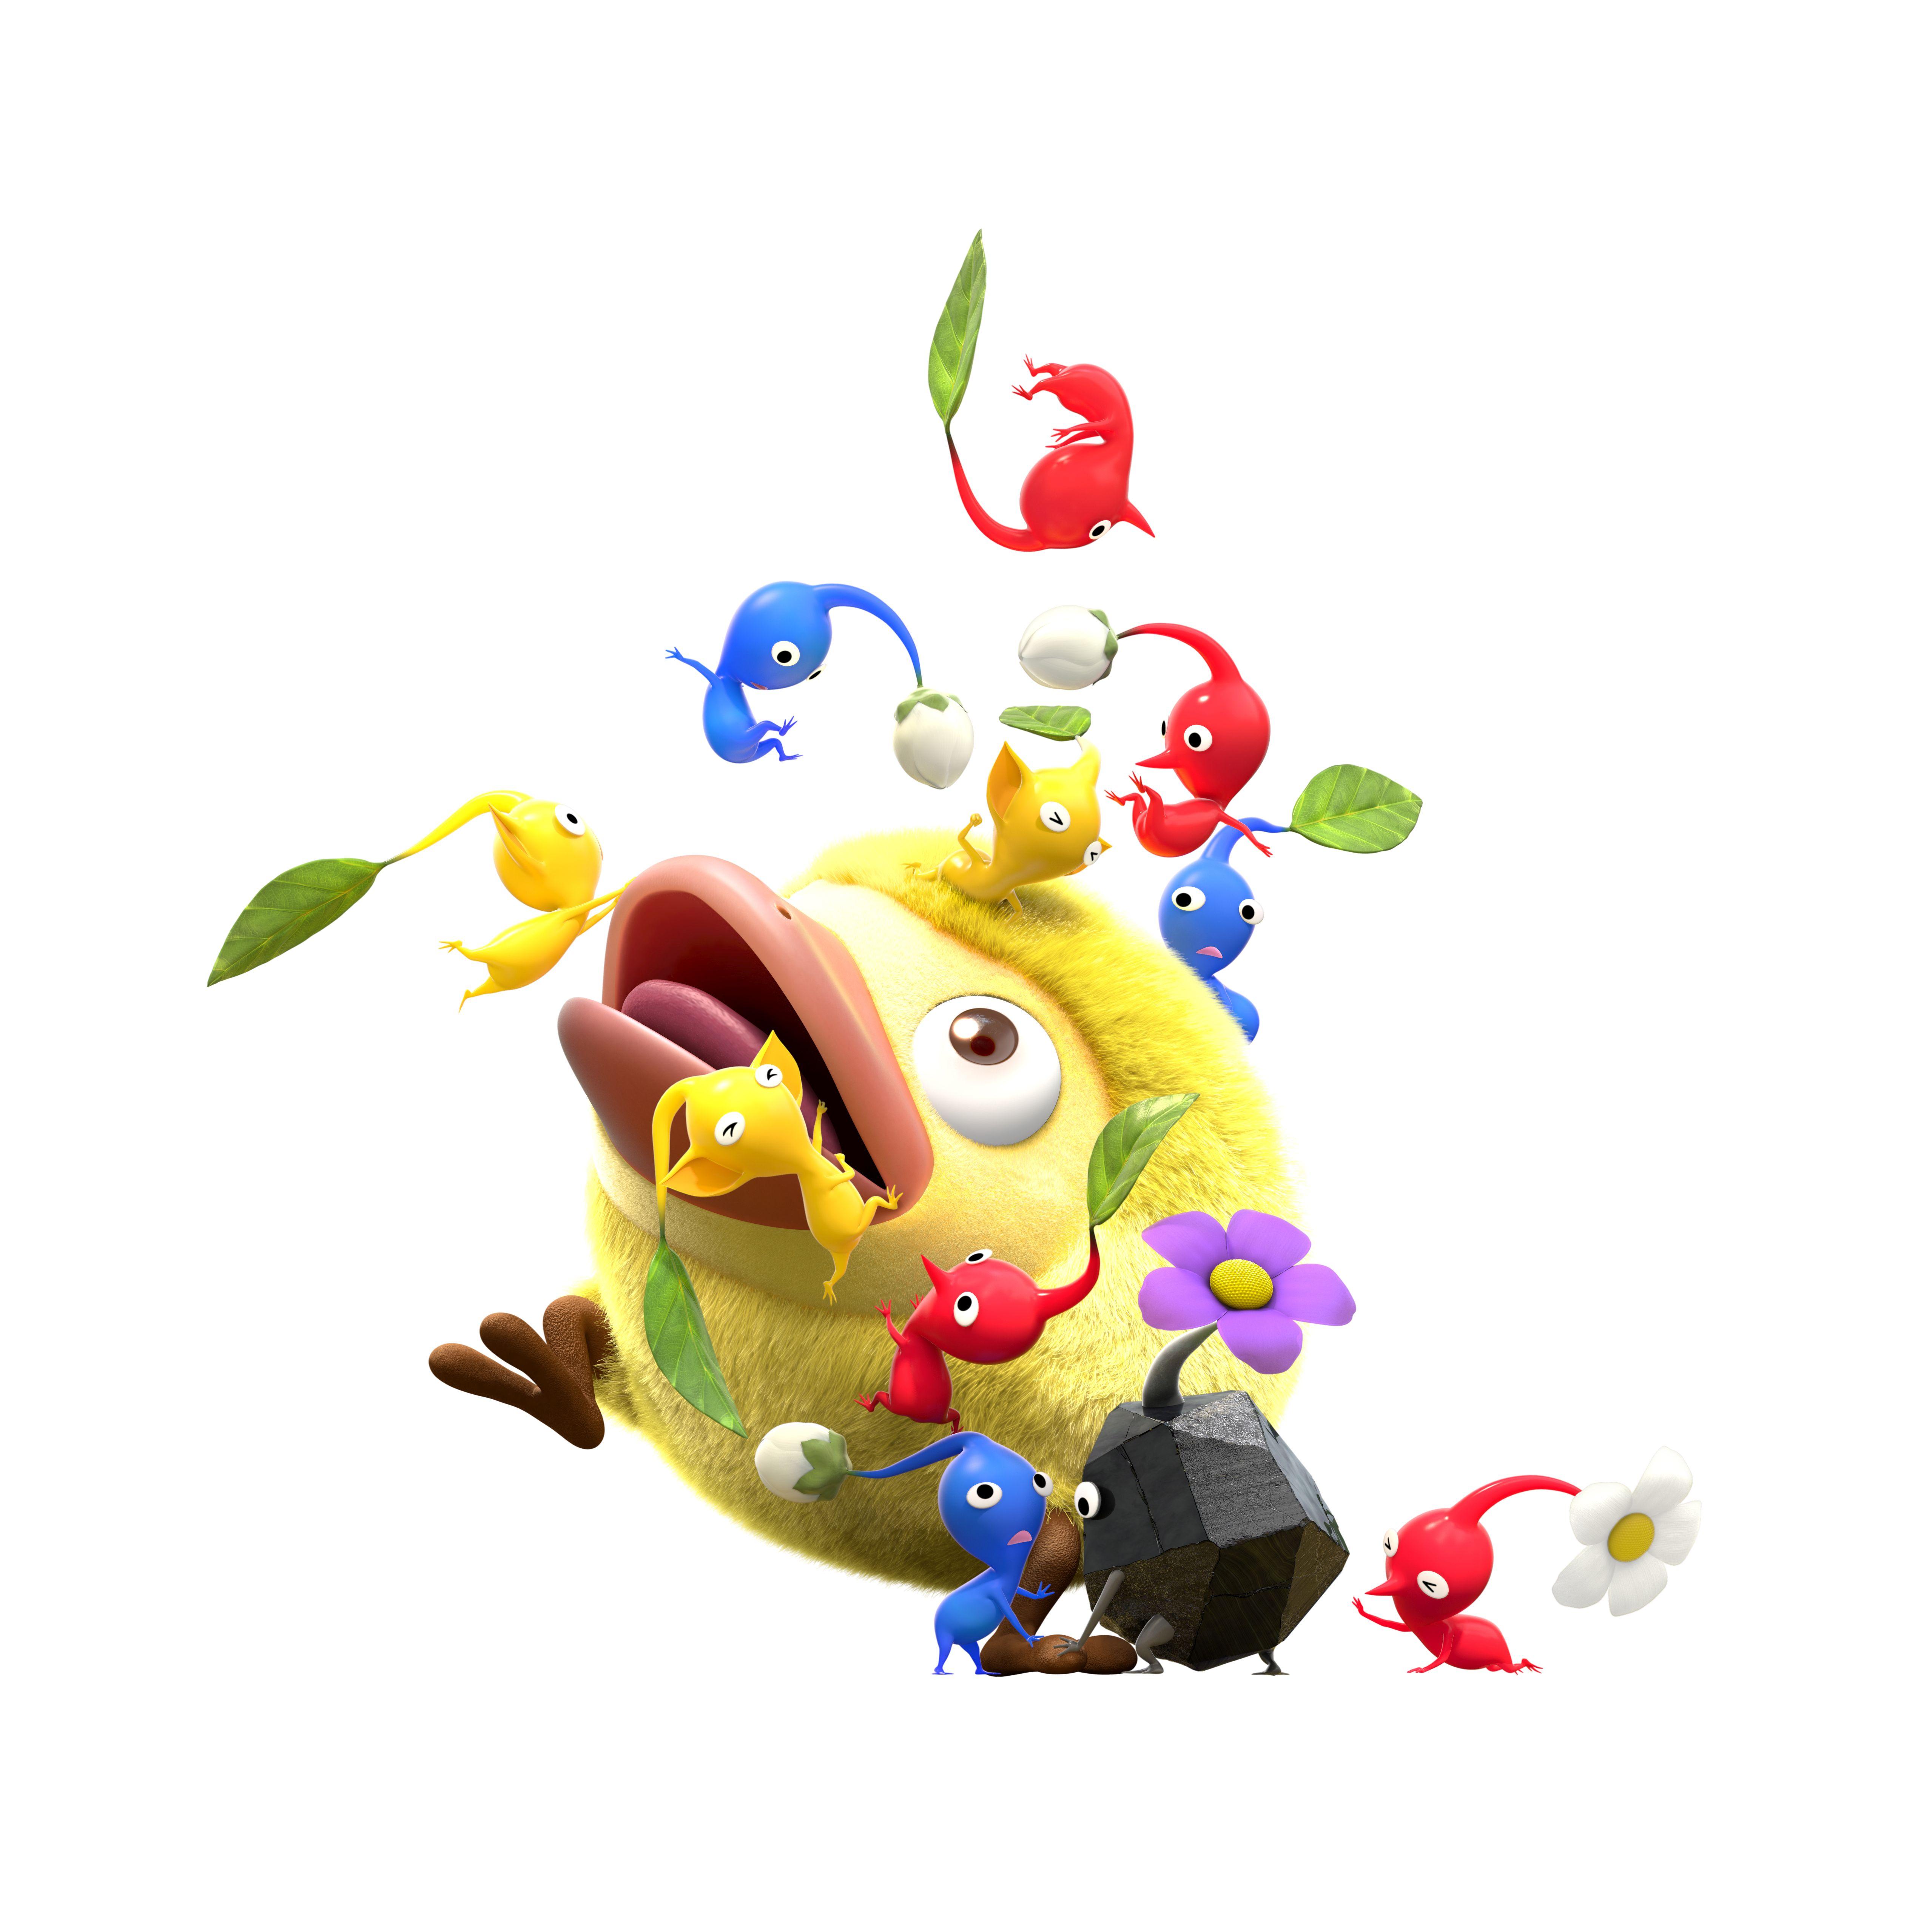 Oznámena hra Hey! Pikmin pro 3DS 142007